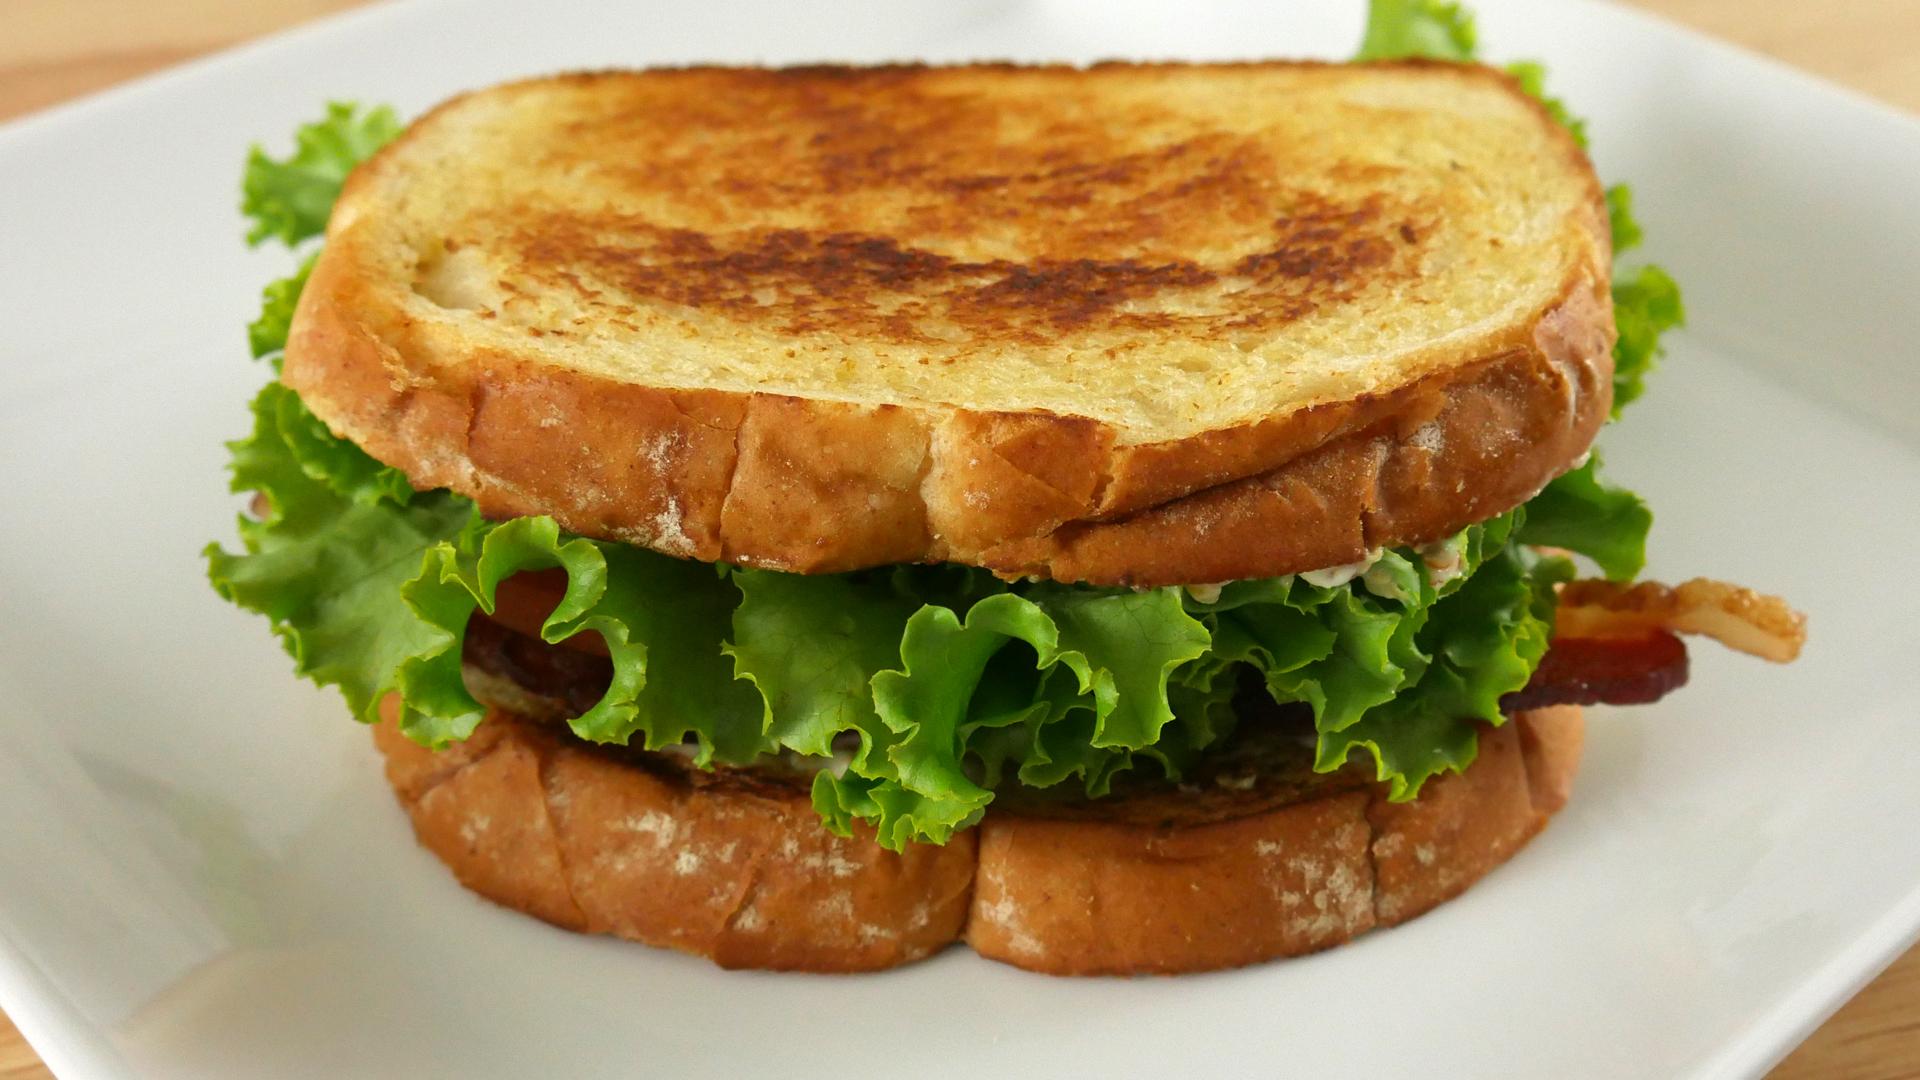 Sanduíche de Bacon com Alface e Tomate (BLT)